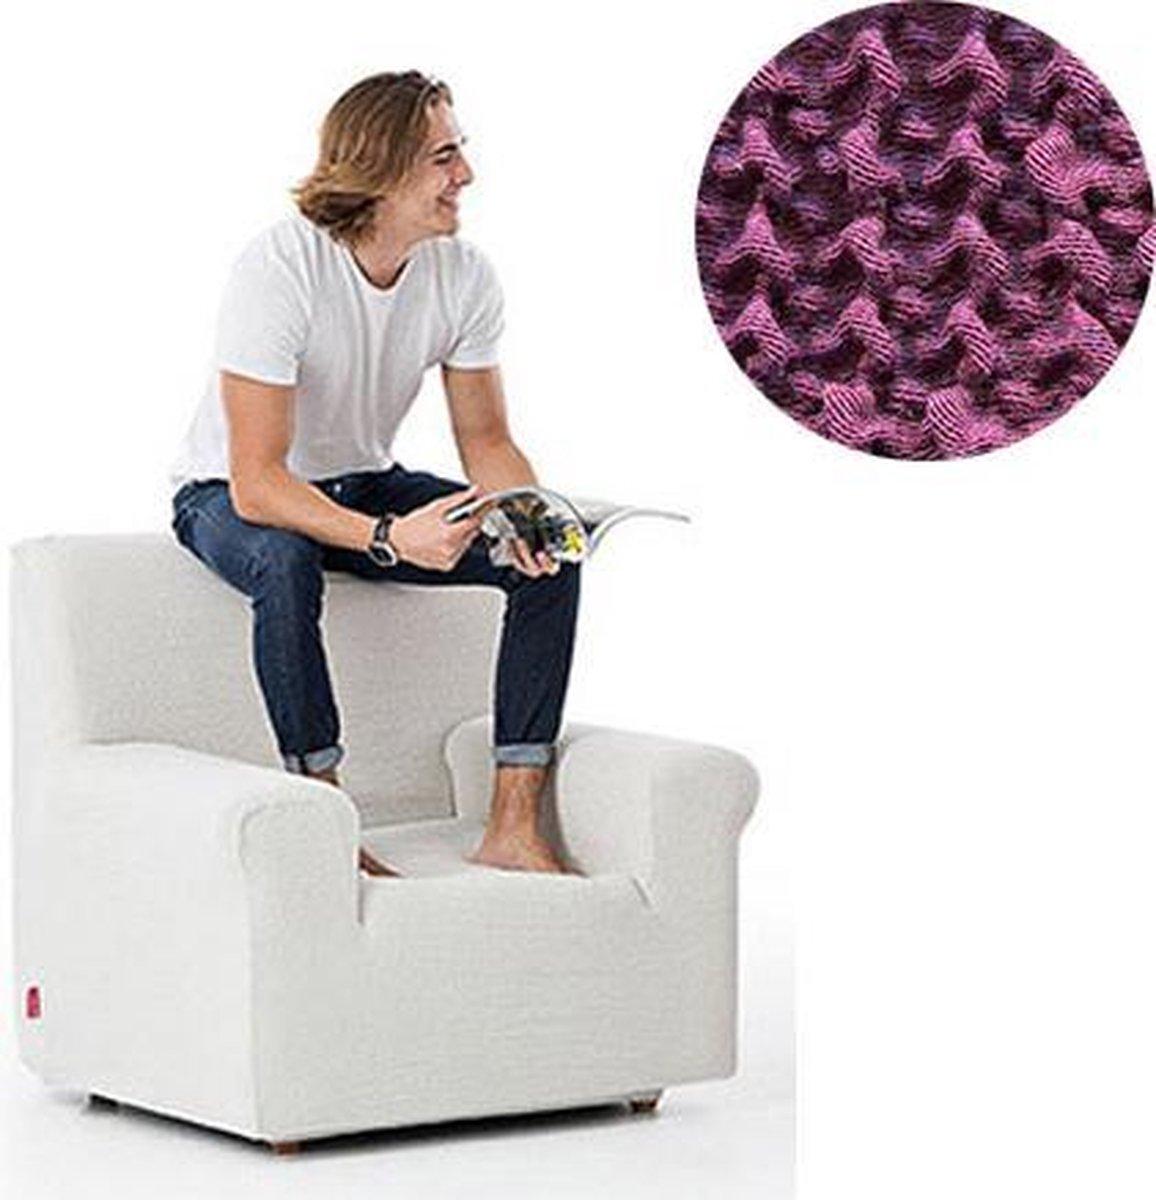 Milos meubelhoezen - Hoes voor fauteuil 70-110cm - Paars - Verkrijgbaar in verschillende kleuren!